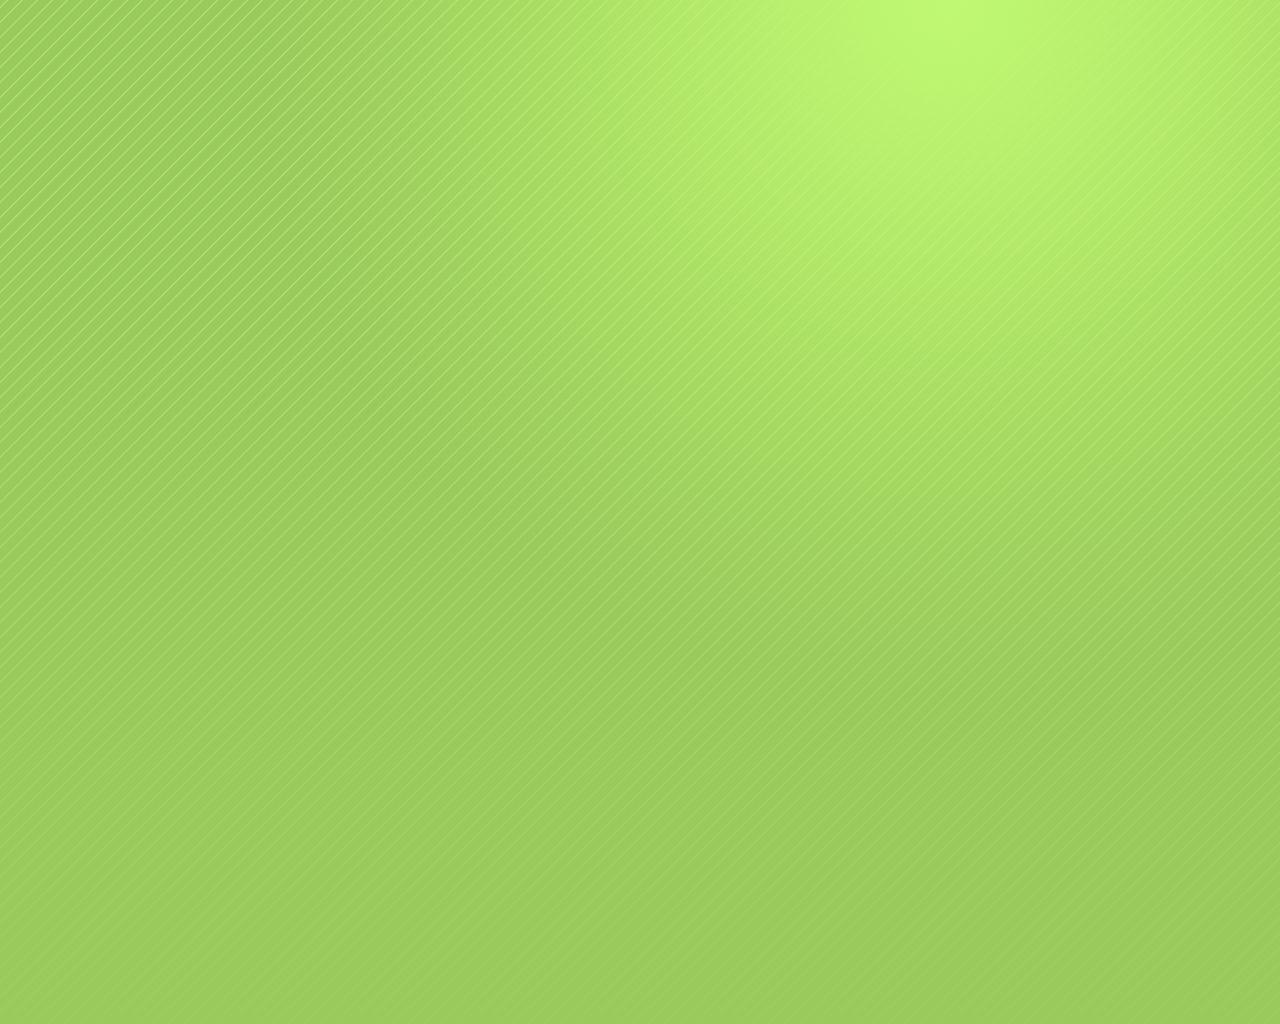 Light Green Wallpaper 1280x1024 45205